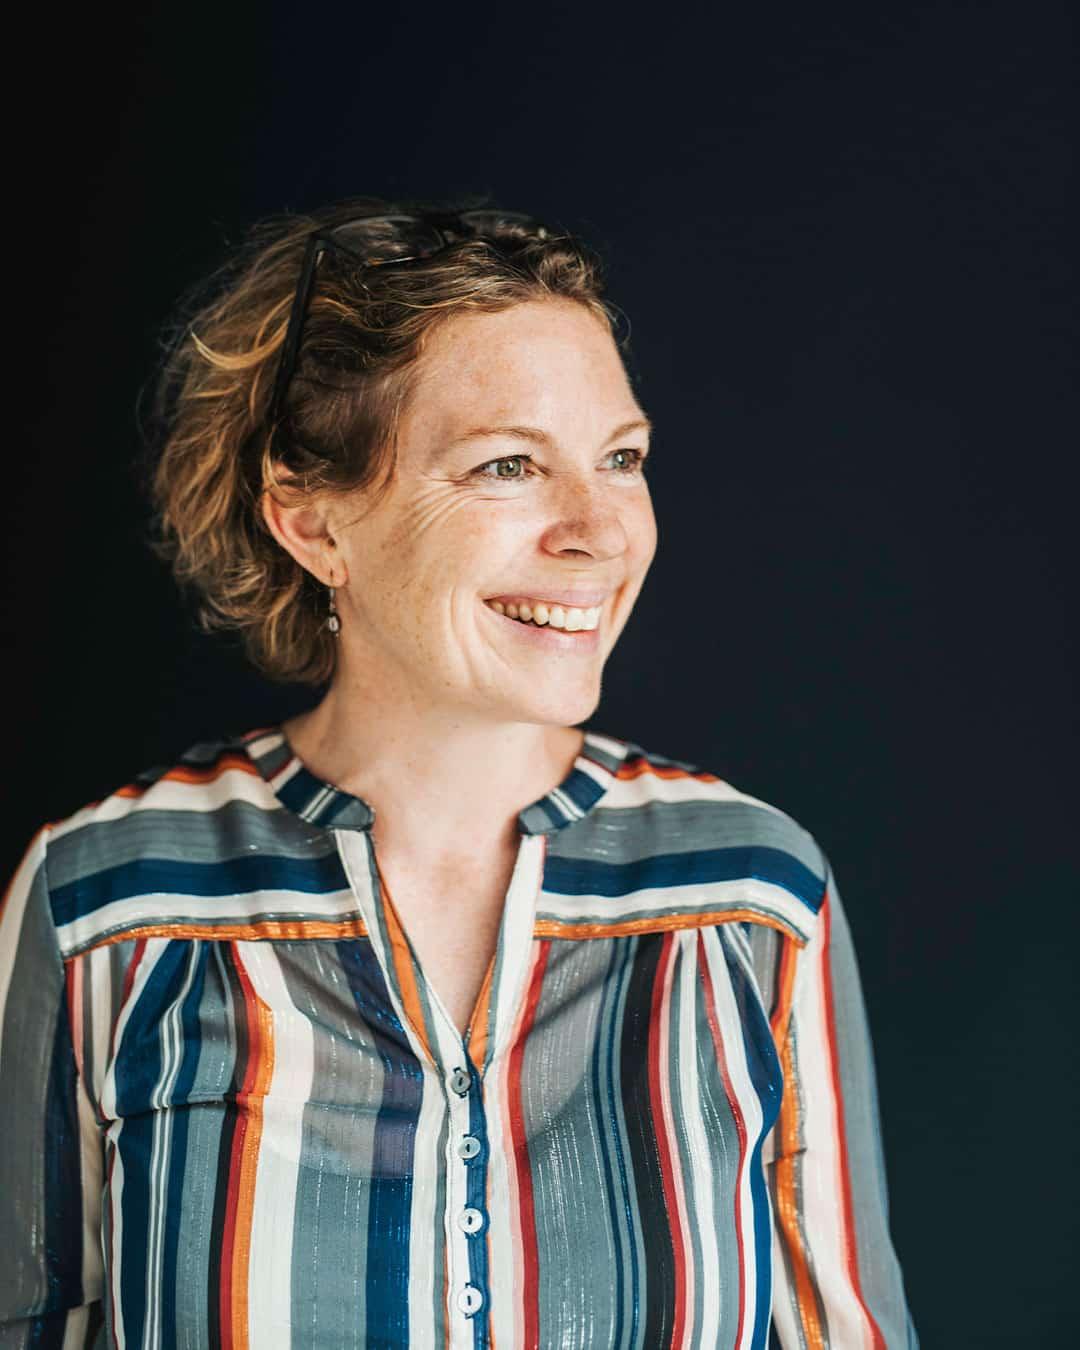 Camilla Bojsen-Møller